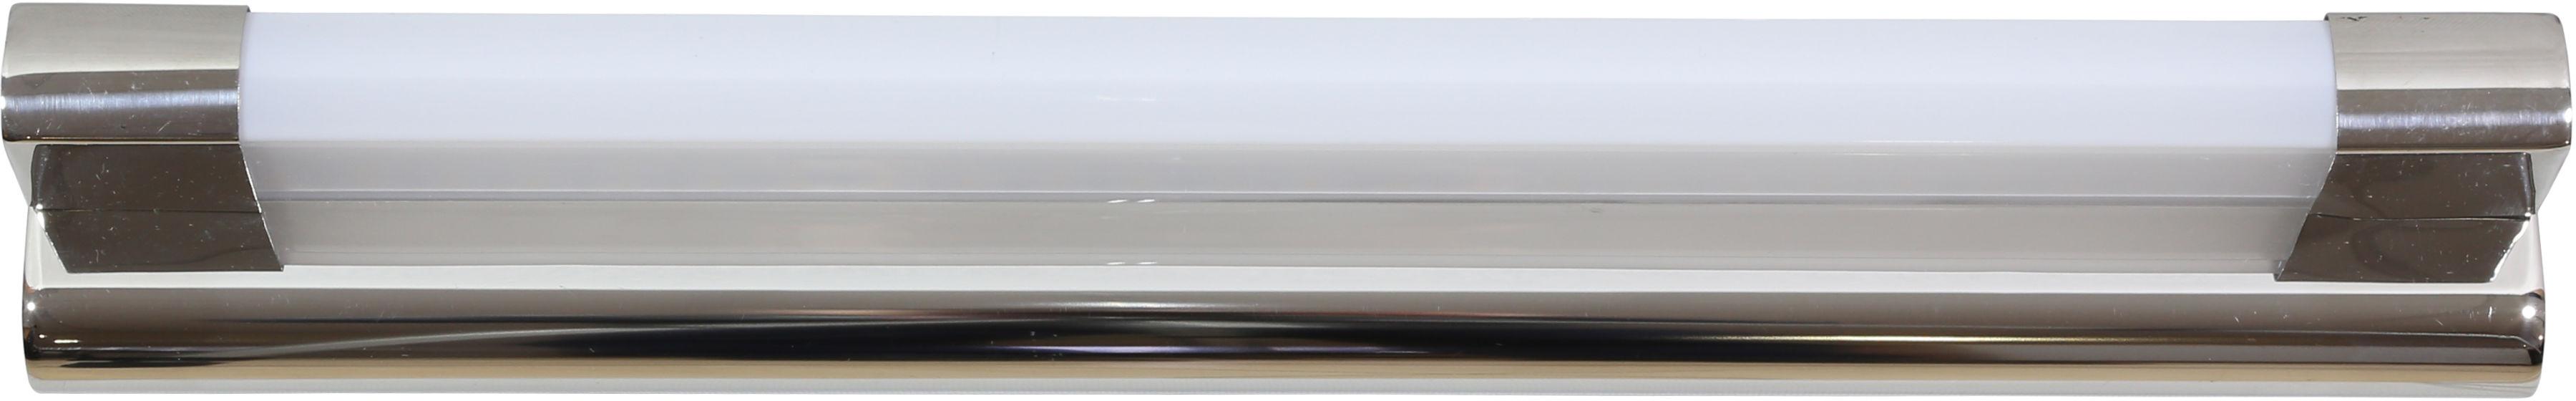 Candellux MIA 1 20-32577 1 kinkiet lampa ścienna chrom 5W LED 45cm